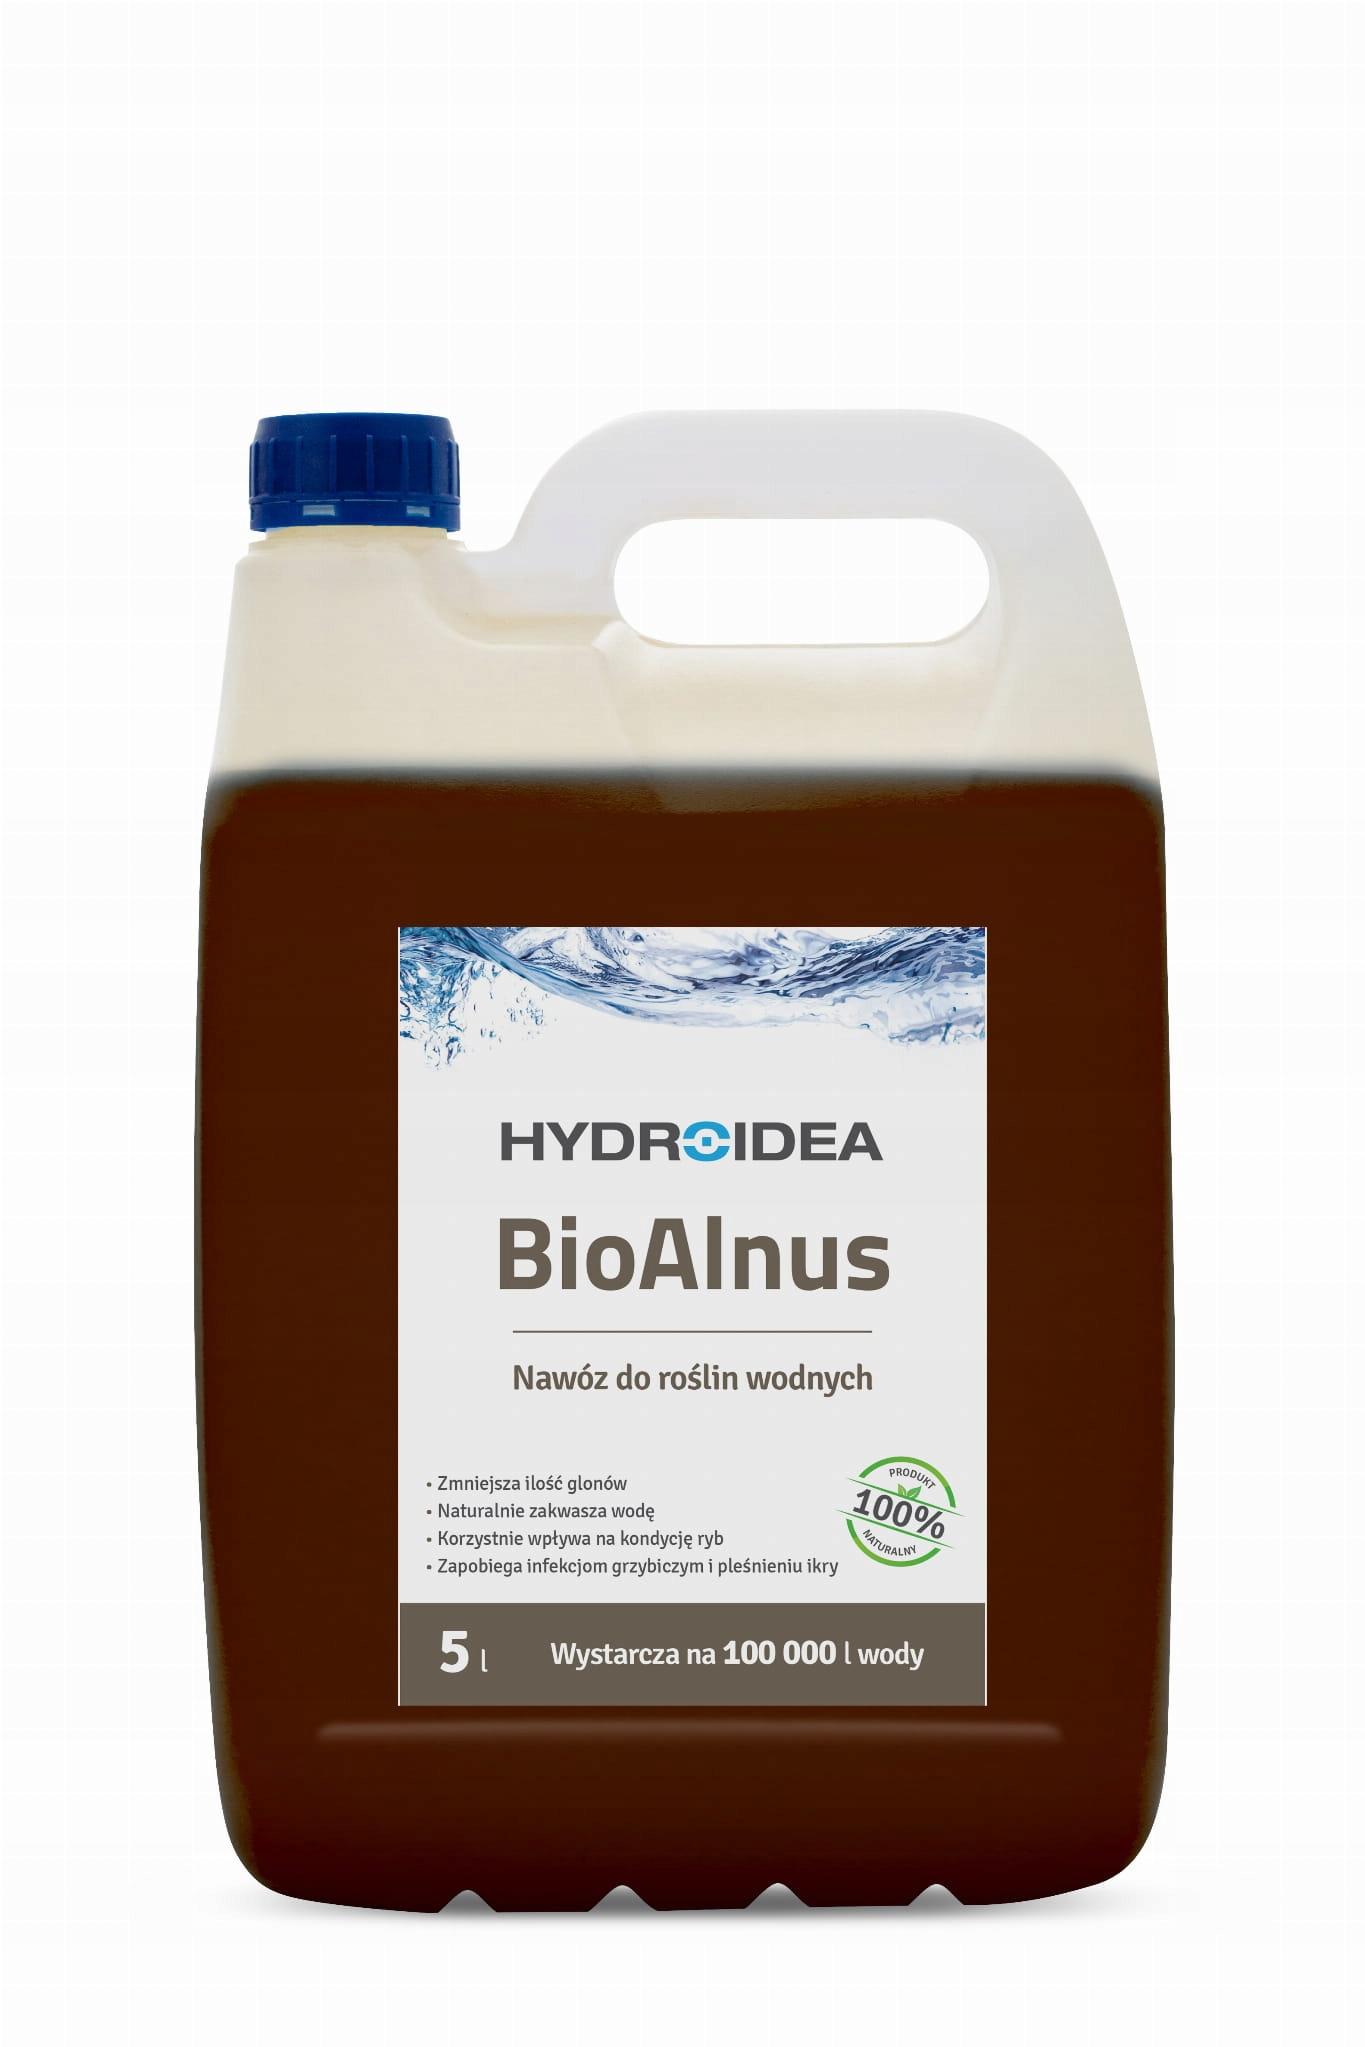 Hydroida BioAlnus 5l ШЕИ ЭКСТРАКТ ВОДОРОСЛЕЙ ВОДОРОСЛЕЙ